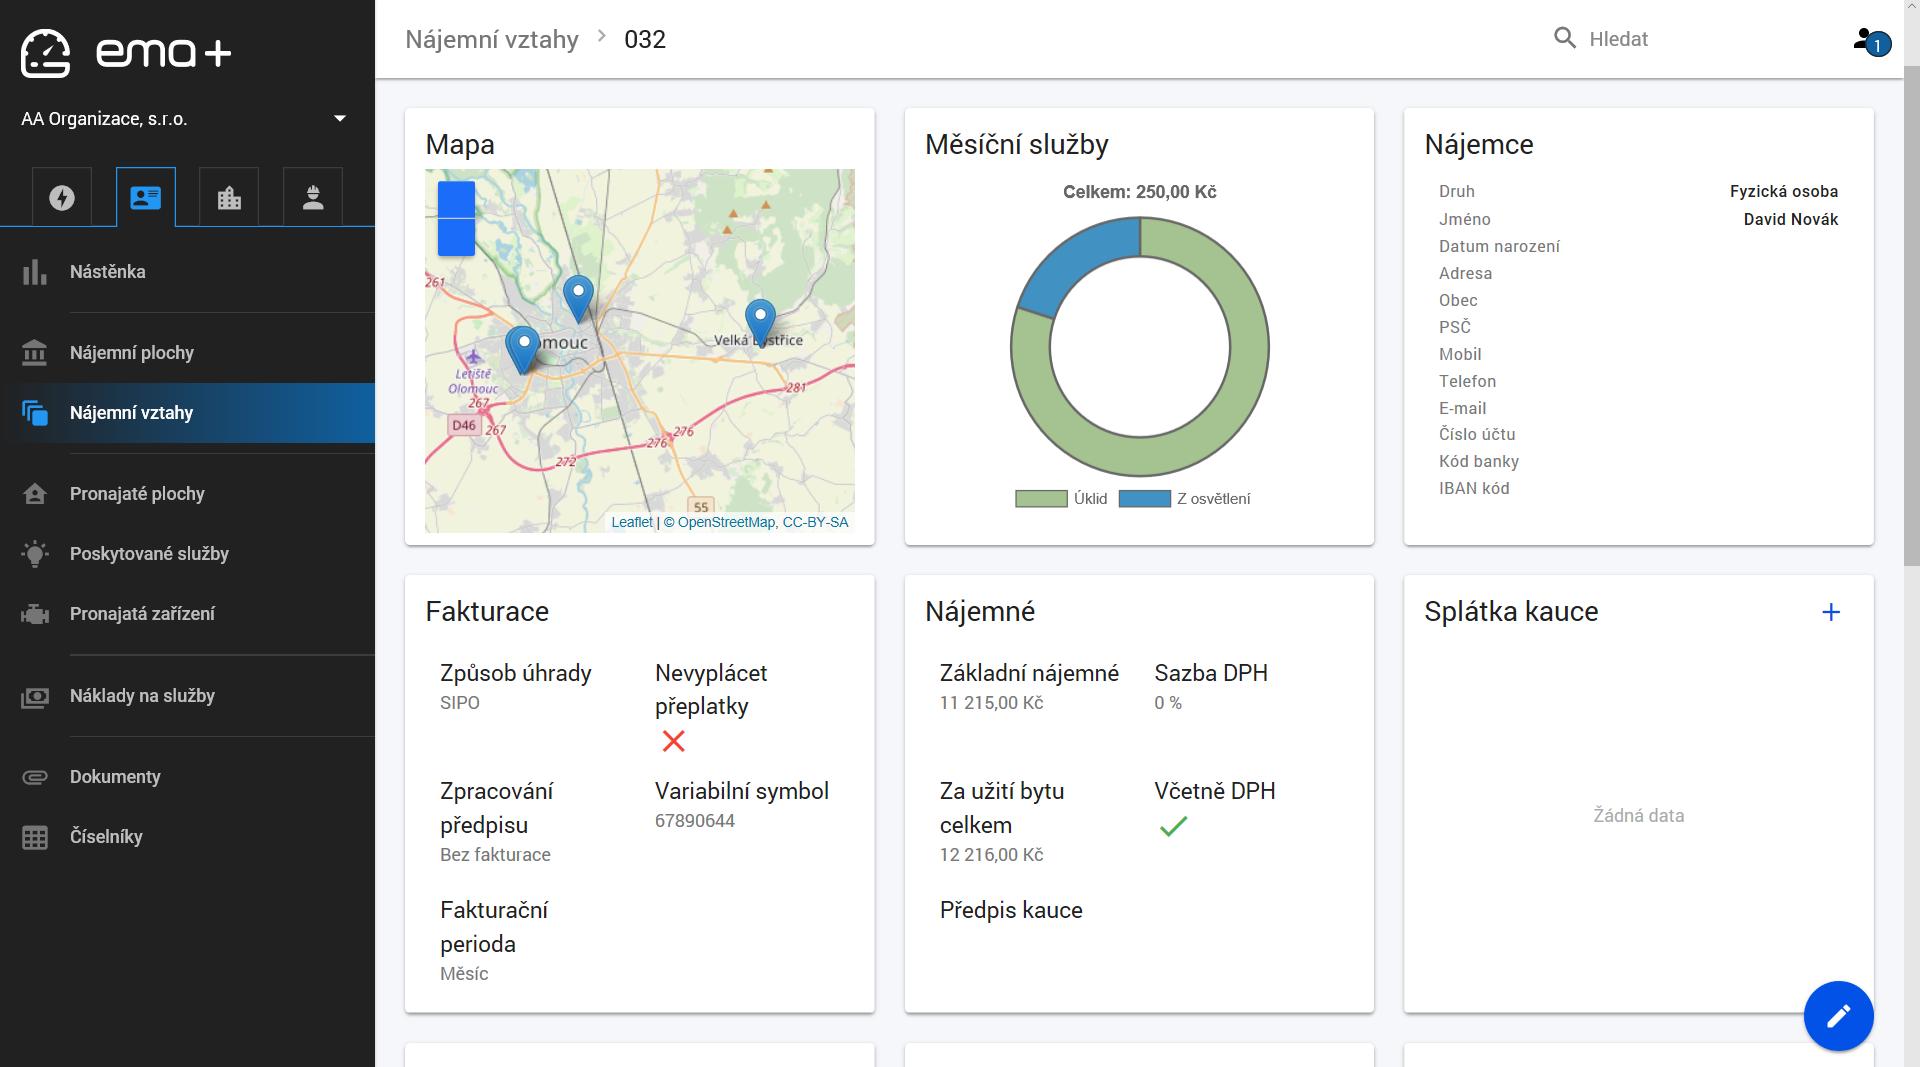 Správa a řízení nájemních vztahů EMA+